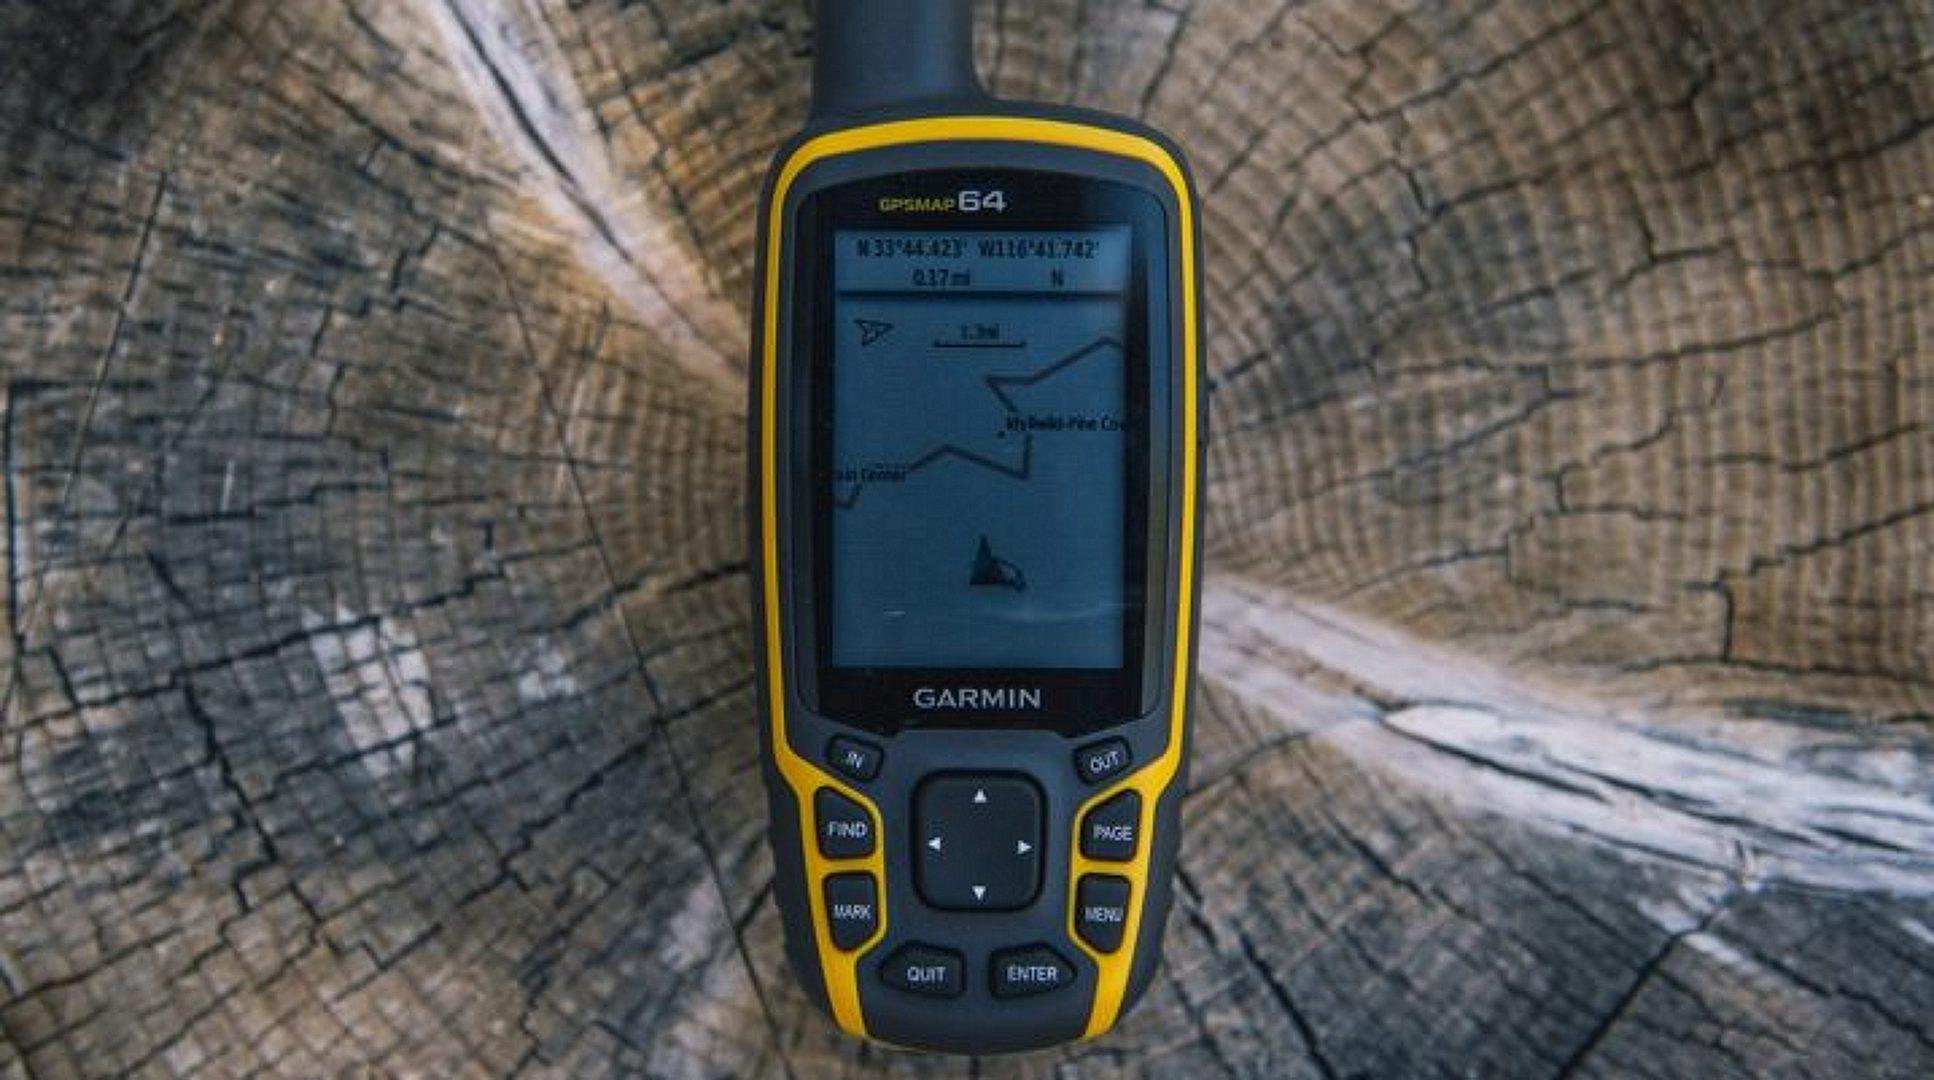 Garmin GPSMAP 64 in use